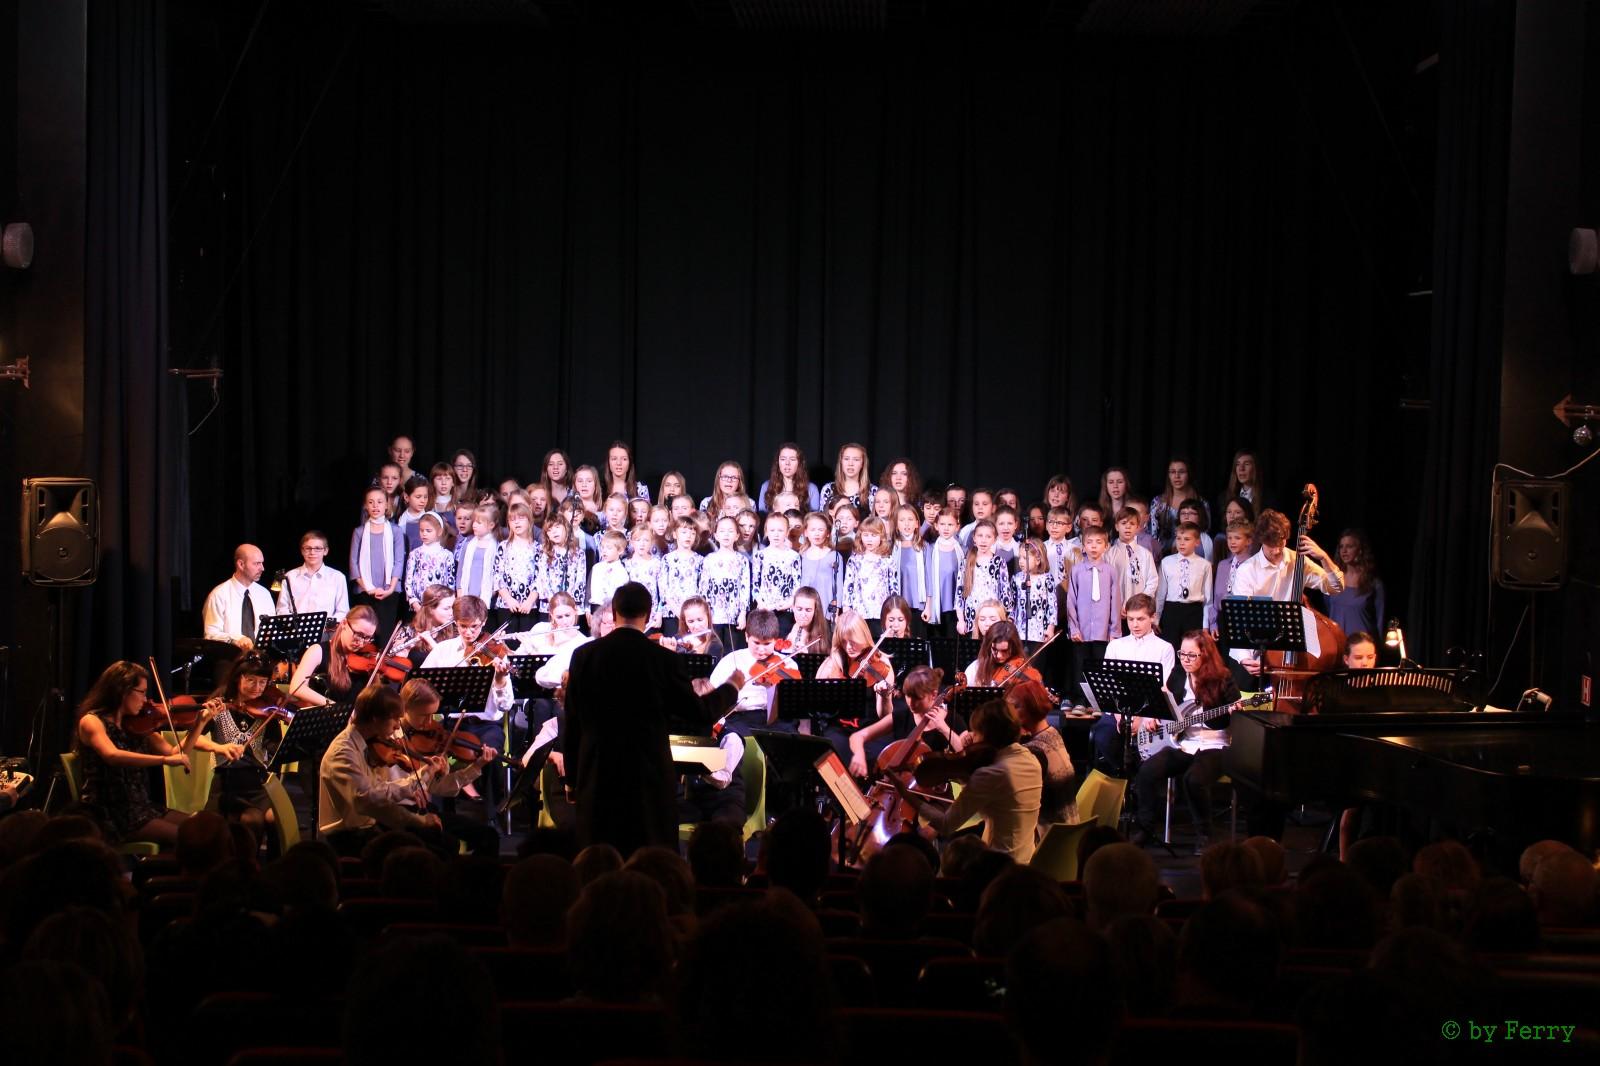 Vánoční koncert orchestru a sboru